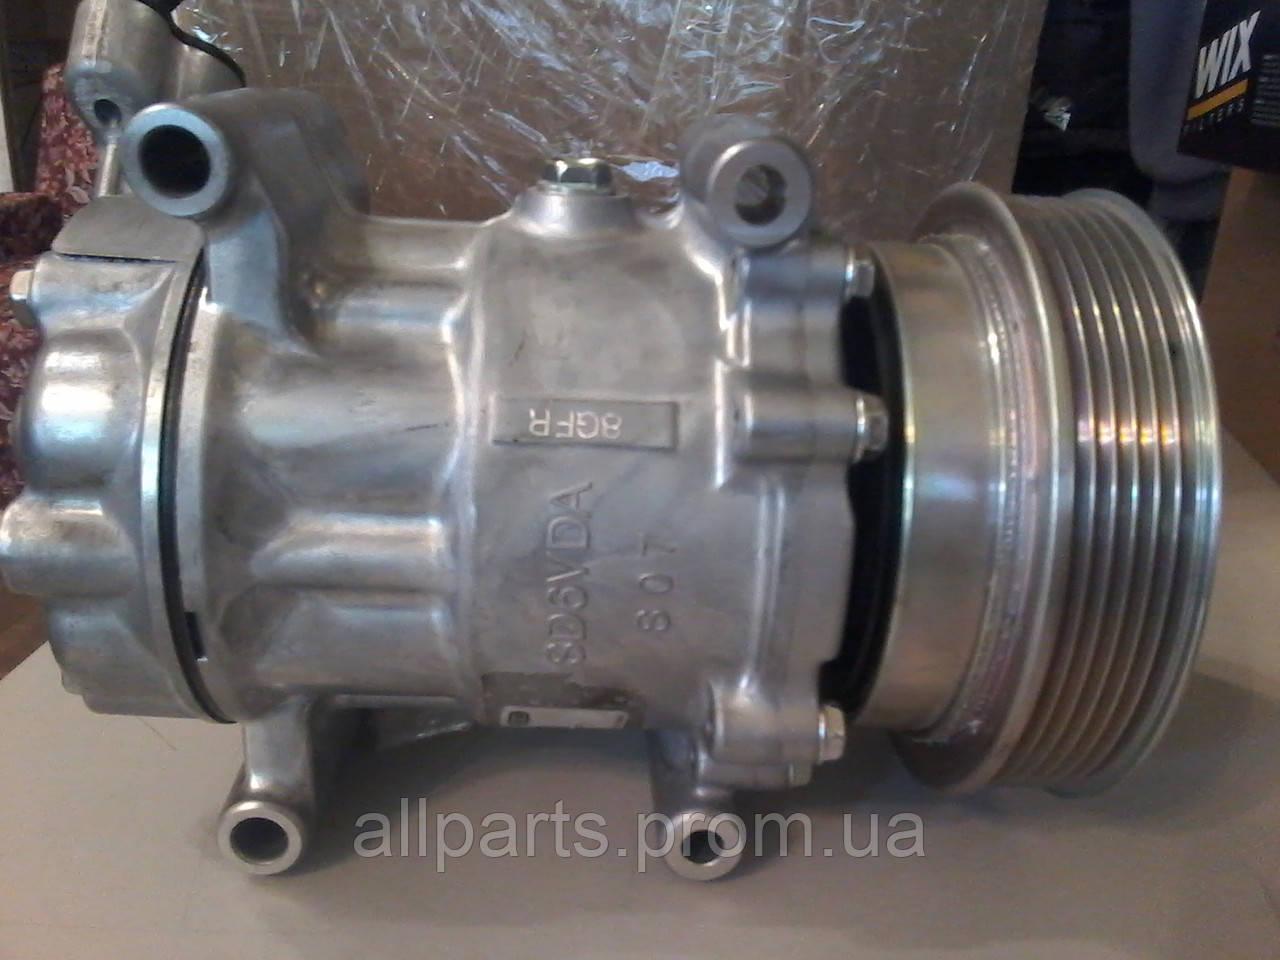 Компрессор кондиционера на Kia Sorento 2.2CRDi  -10  реставрированный